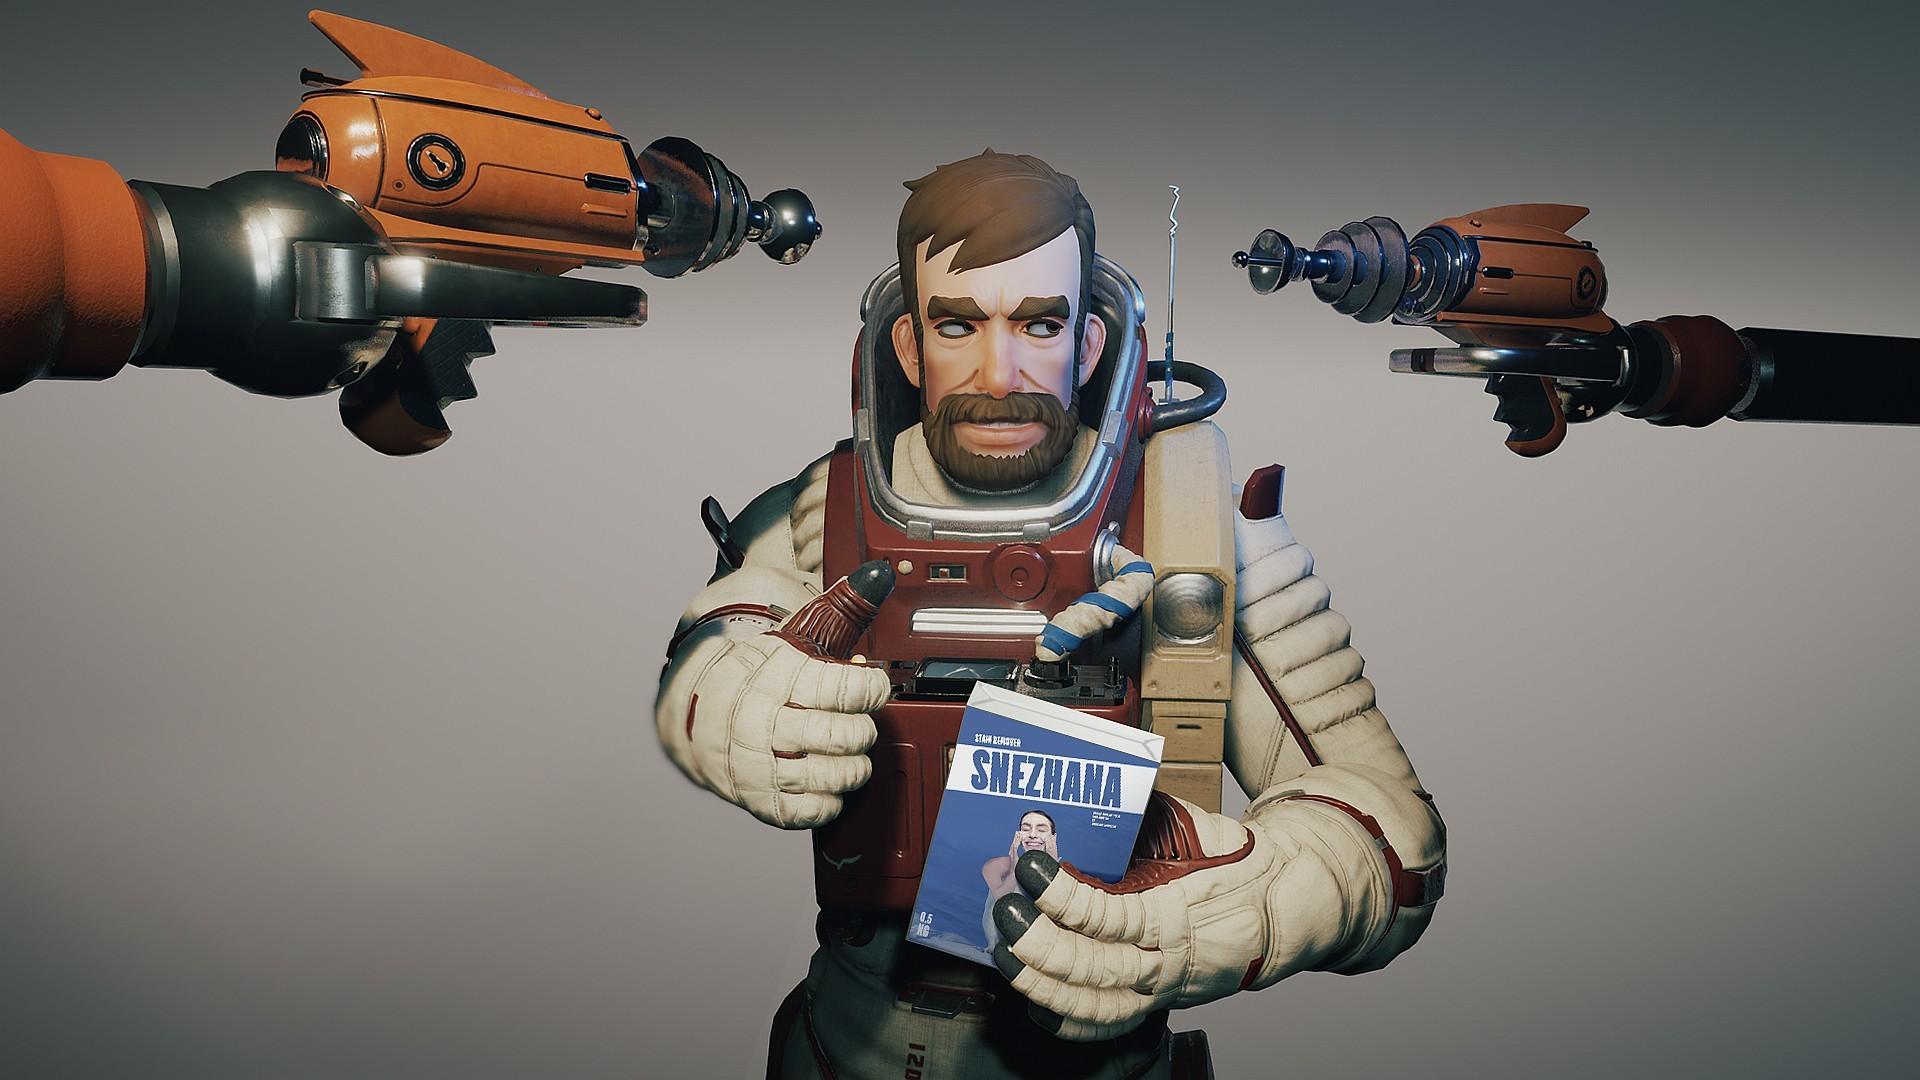 太空生存冒险游戏《呼吸边缘》1.0正式版发布